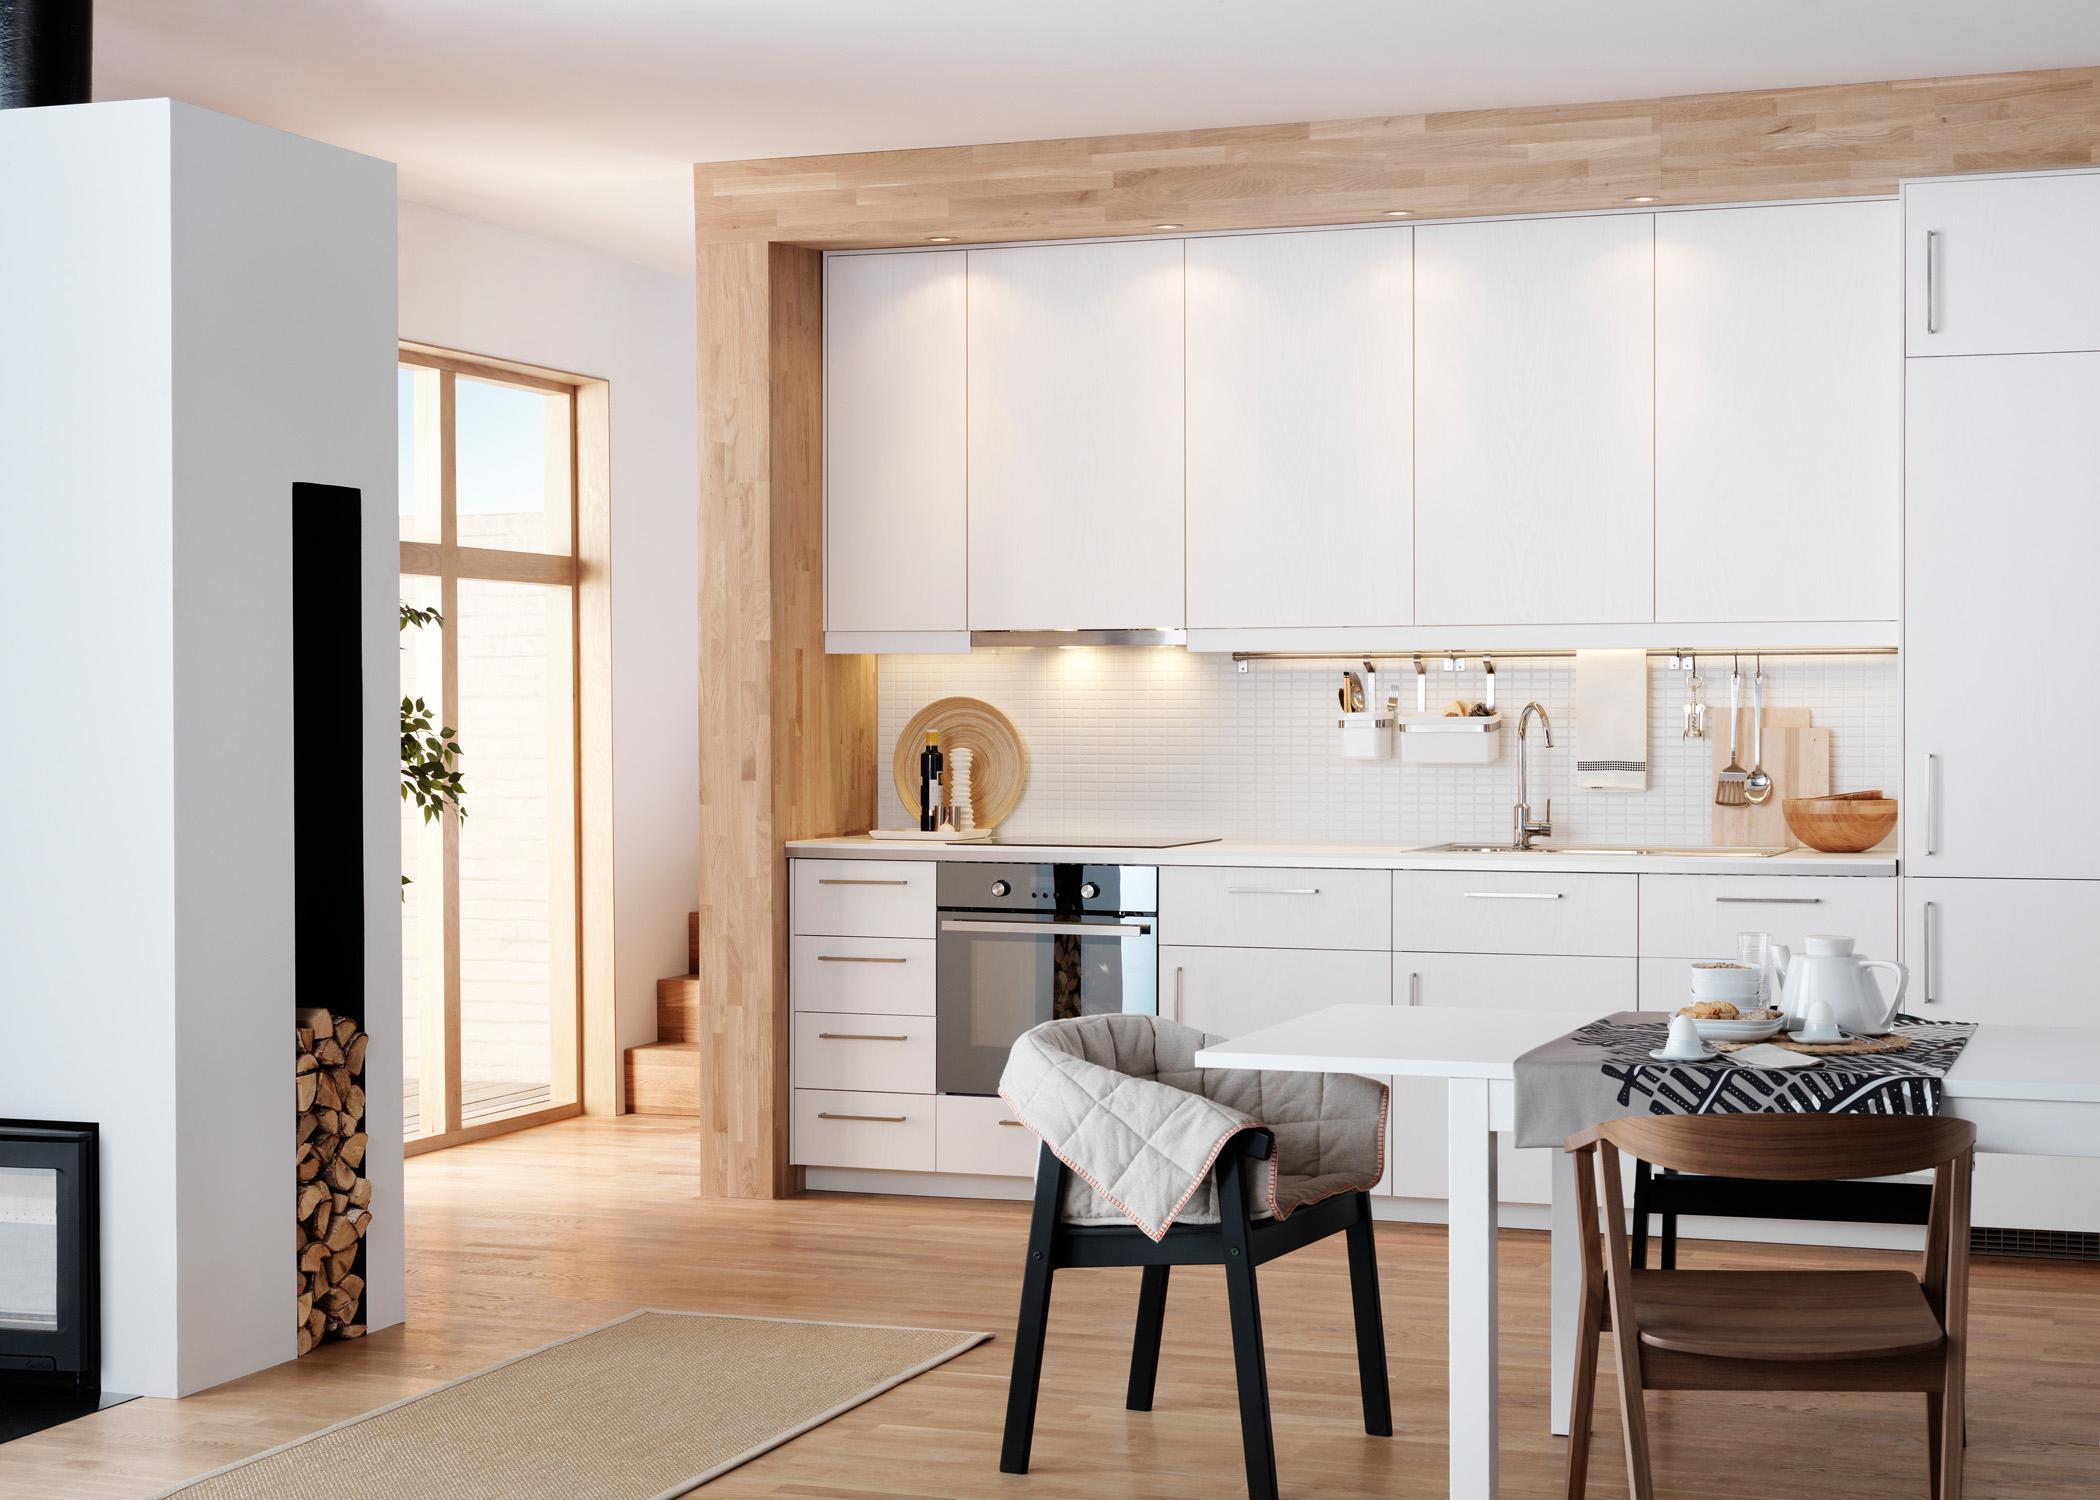 Weisse Kuchenfront Von Parkett Umrahmt Stuhl Teppich Kamin Esstisch Ikea